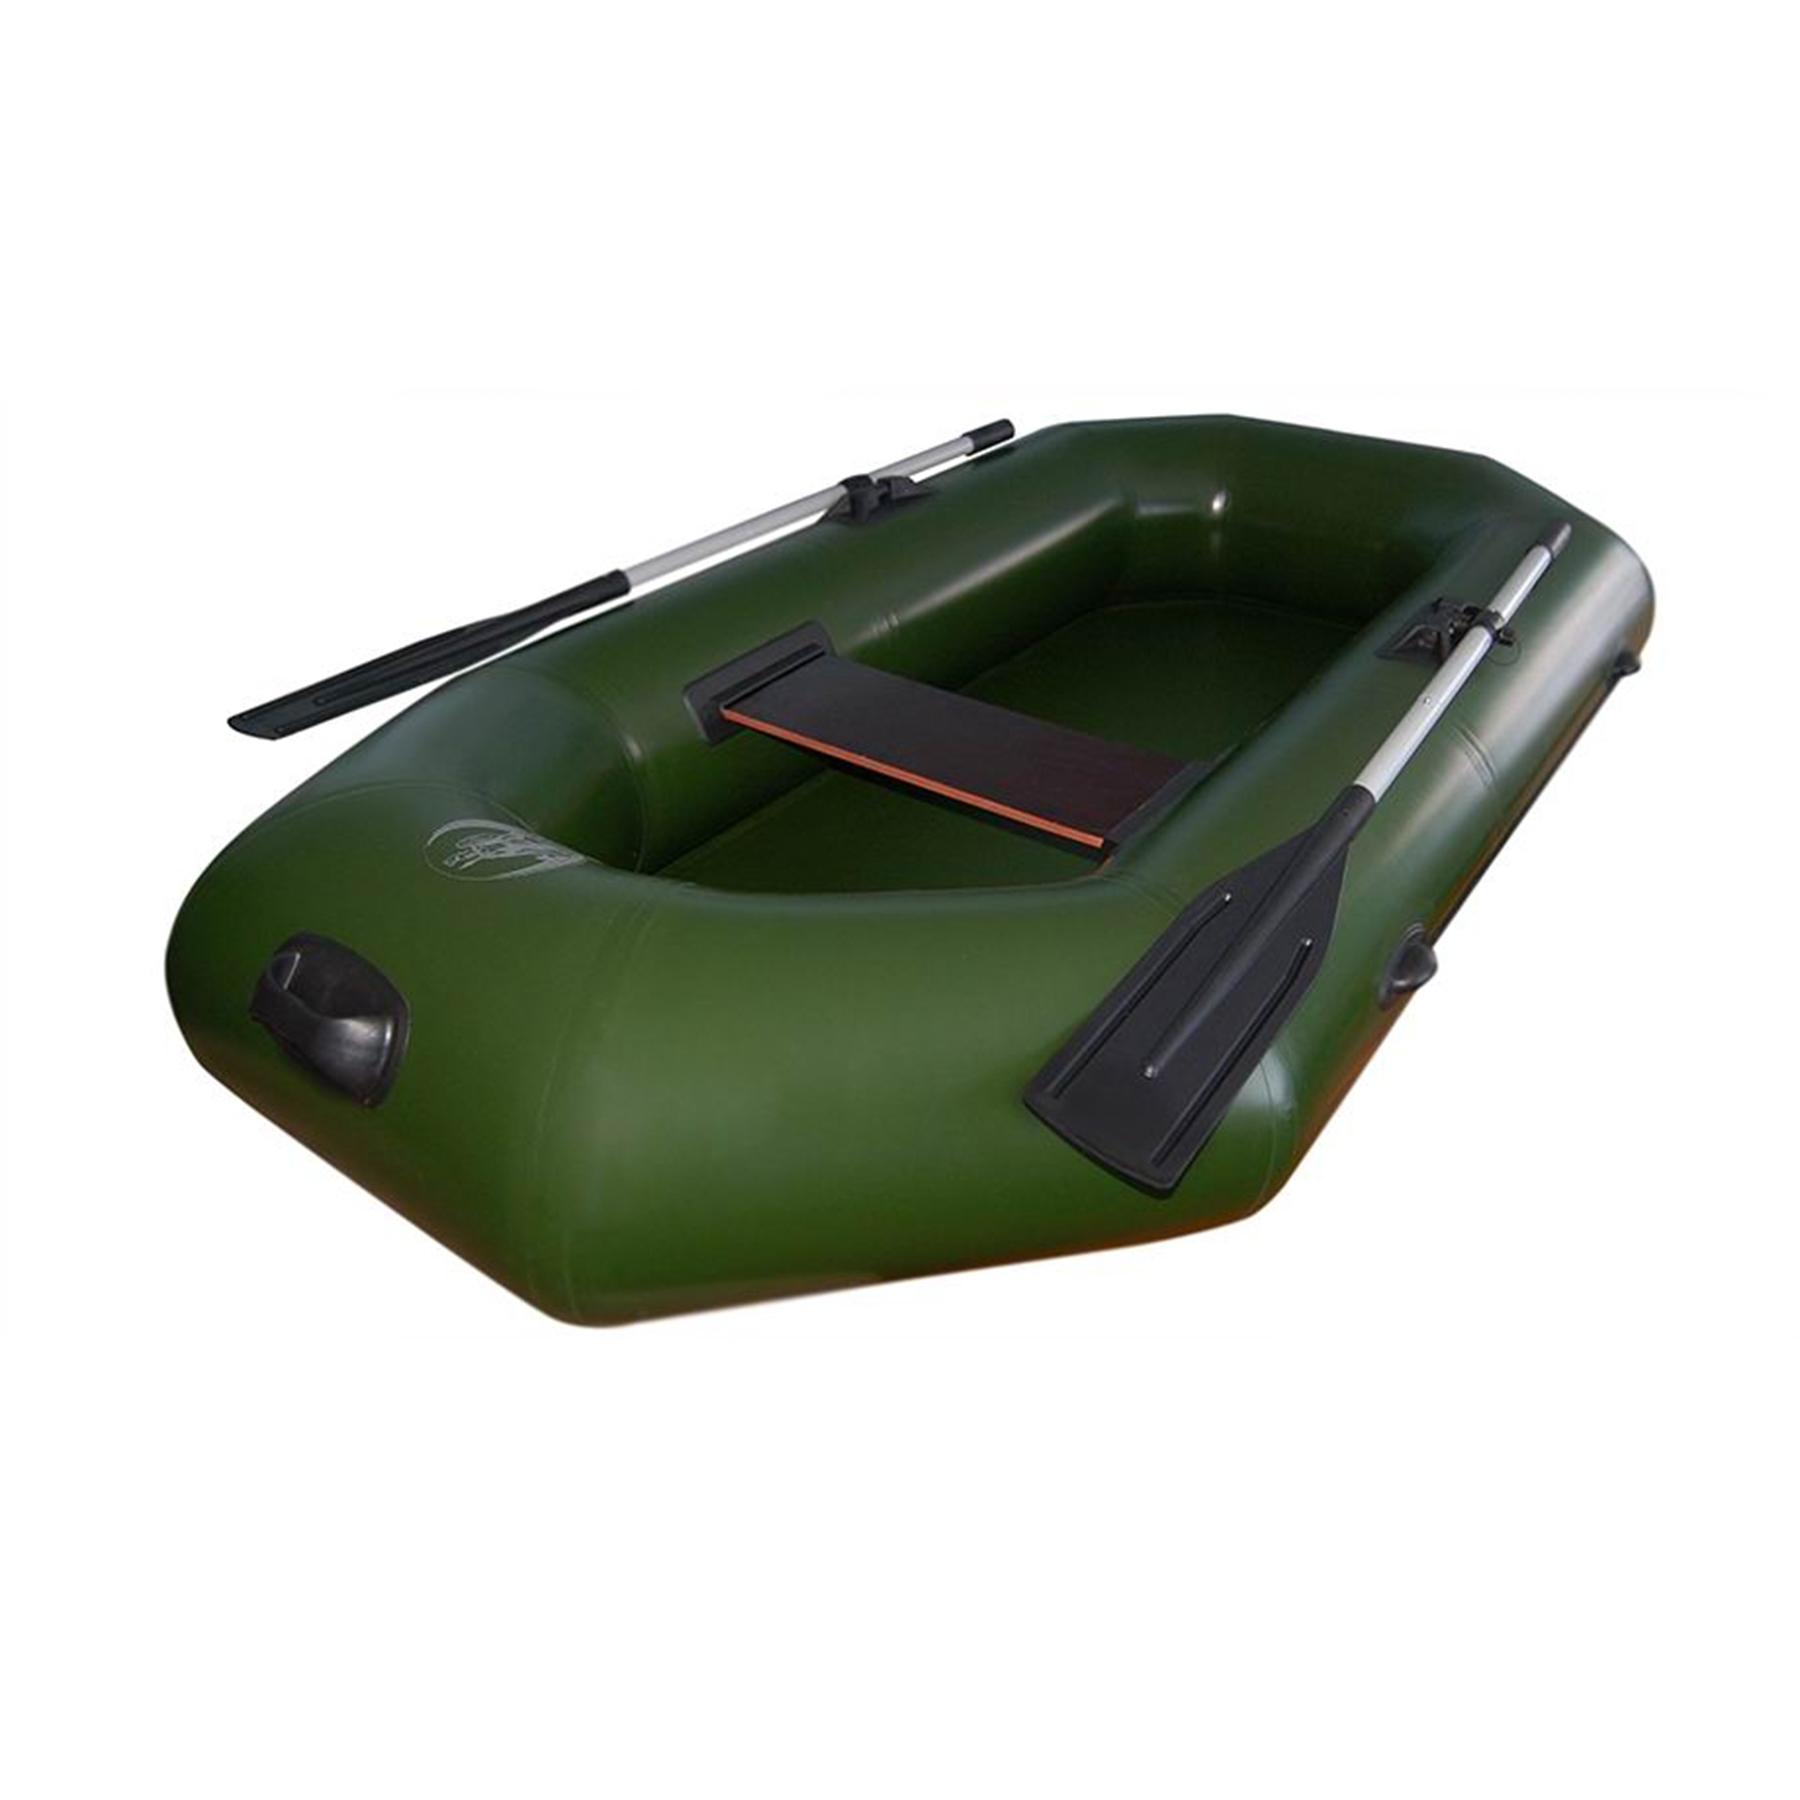 Лодка Легион - 205 (200*110см, гр.под.160 кг,2отс.,8 кг,ж.сид.,весла) АКЦИЯ!